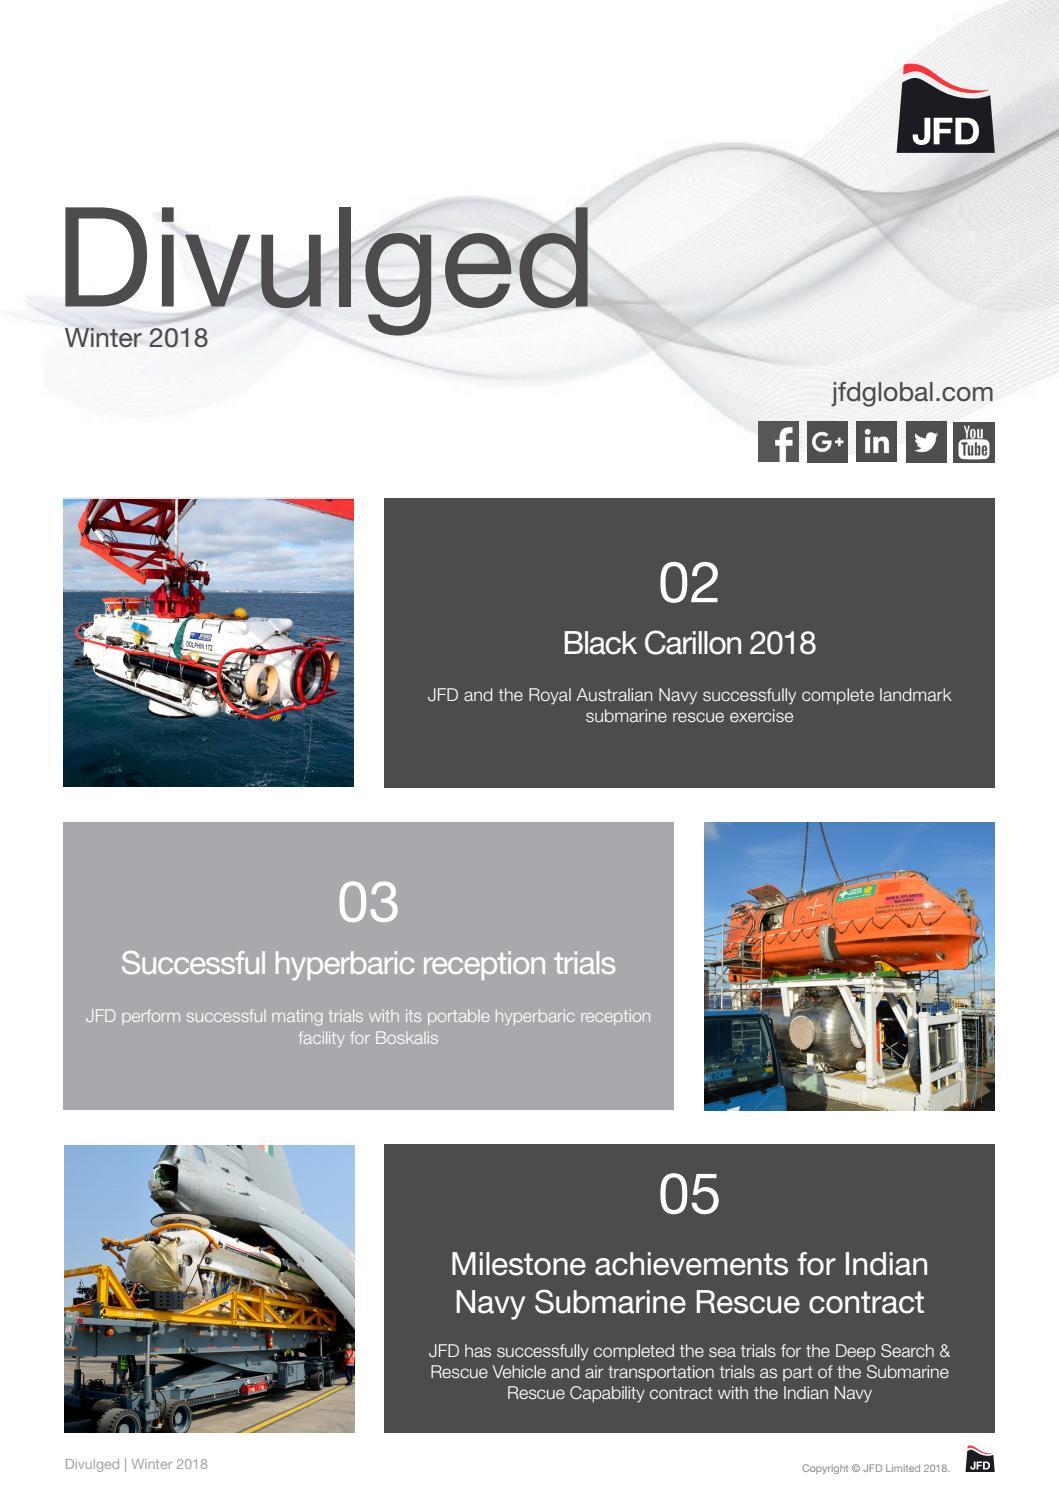 JFD Divulged - December 2018 by jfdglobal - issuu